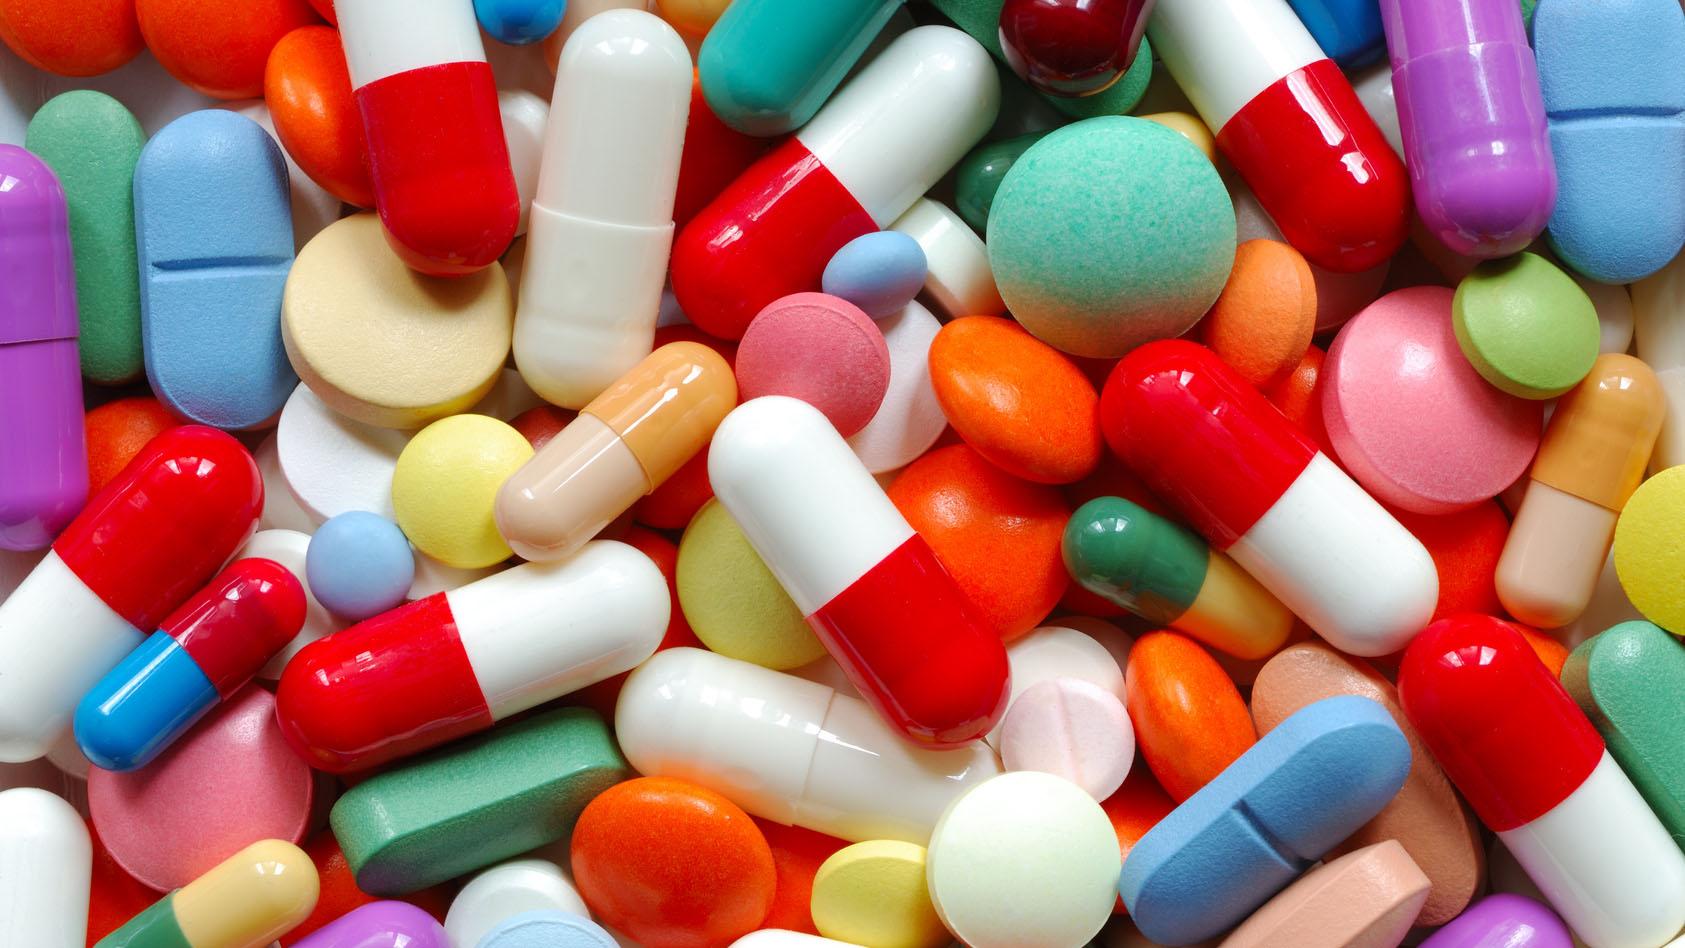 Побочные эффекты антибиотиков о которых умалчивают